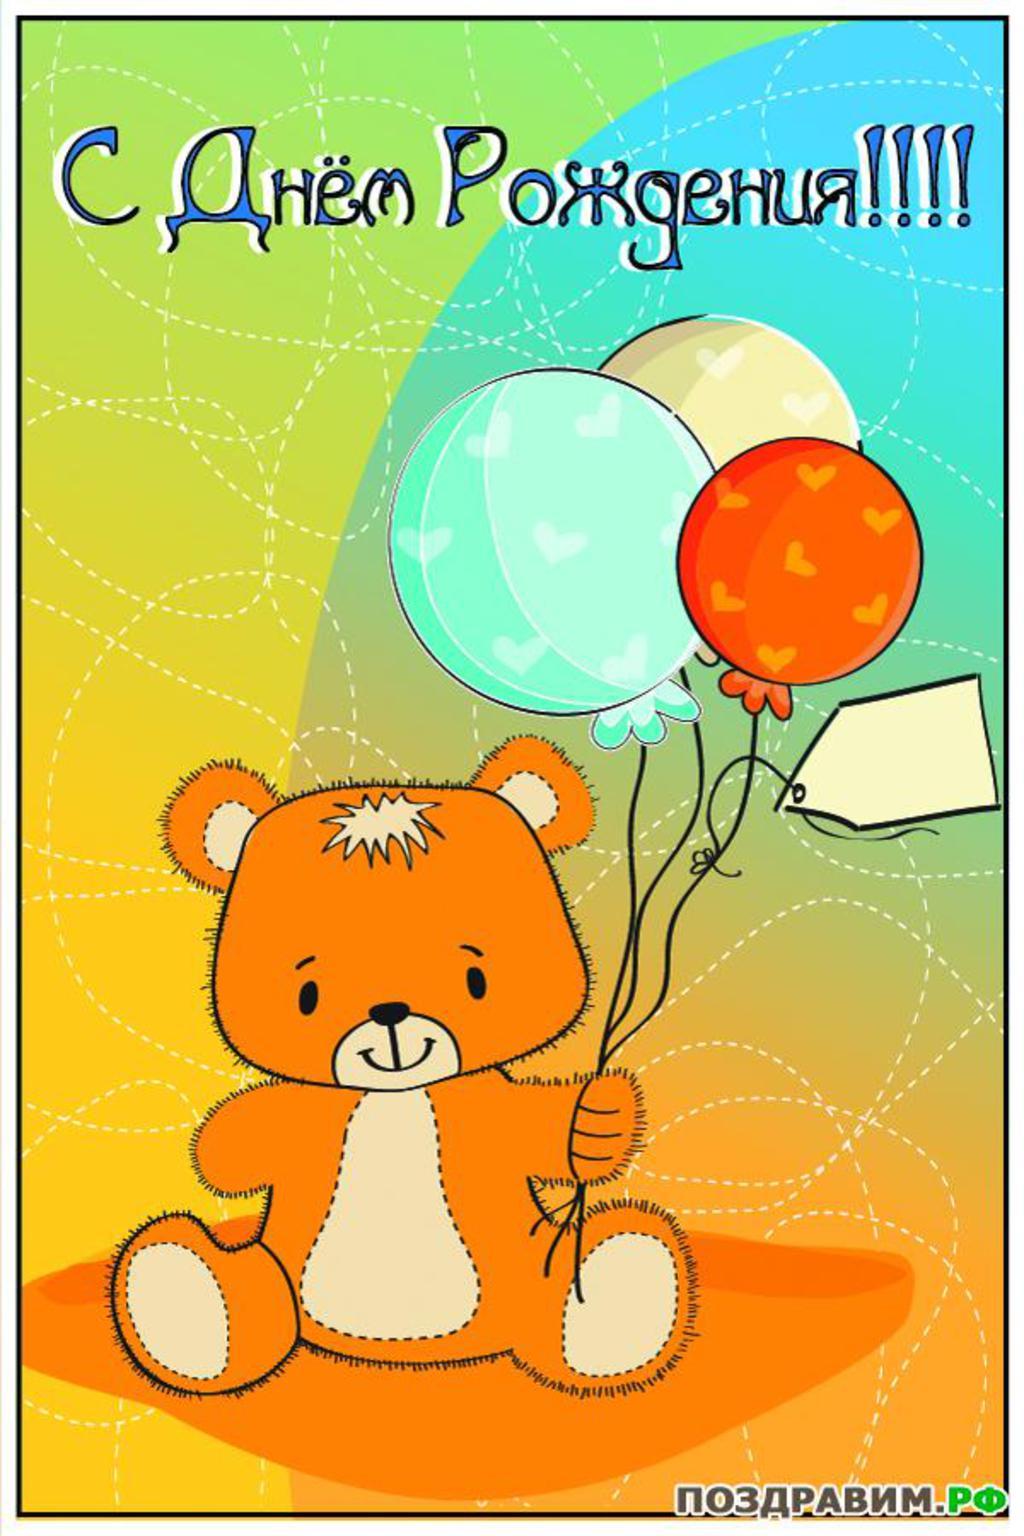 Поздравления с днем рождения простые своими